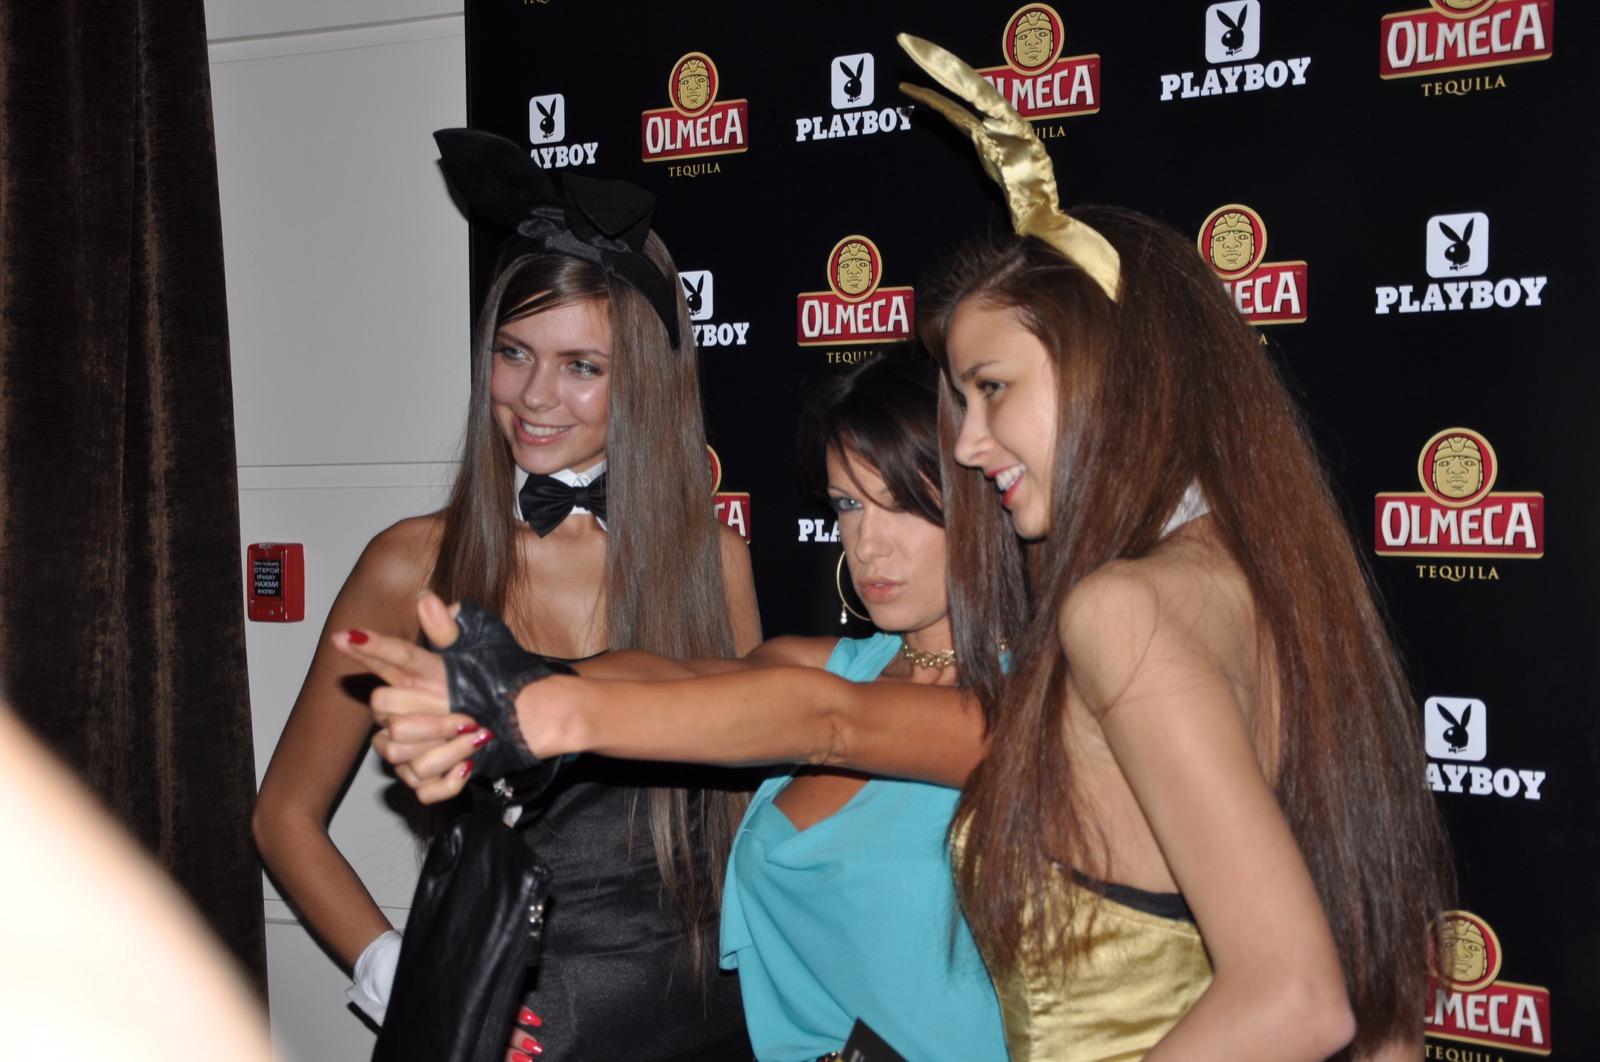 Встреча гостей на вечеринке Playboy